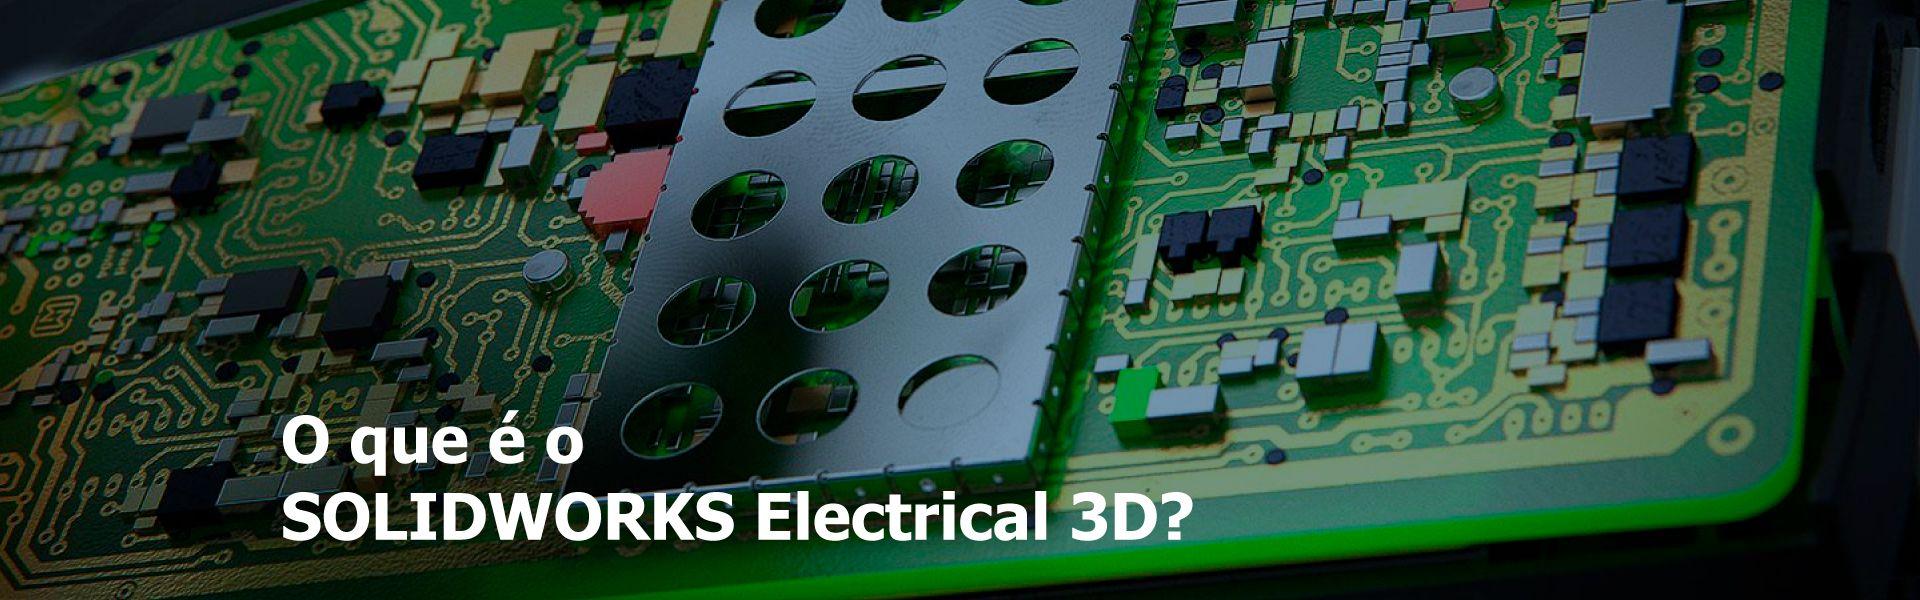 o que é o solidworks electrical 3d